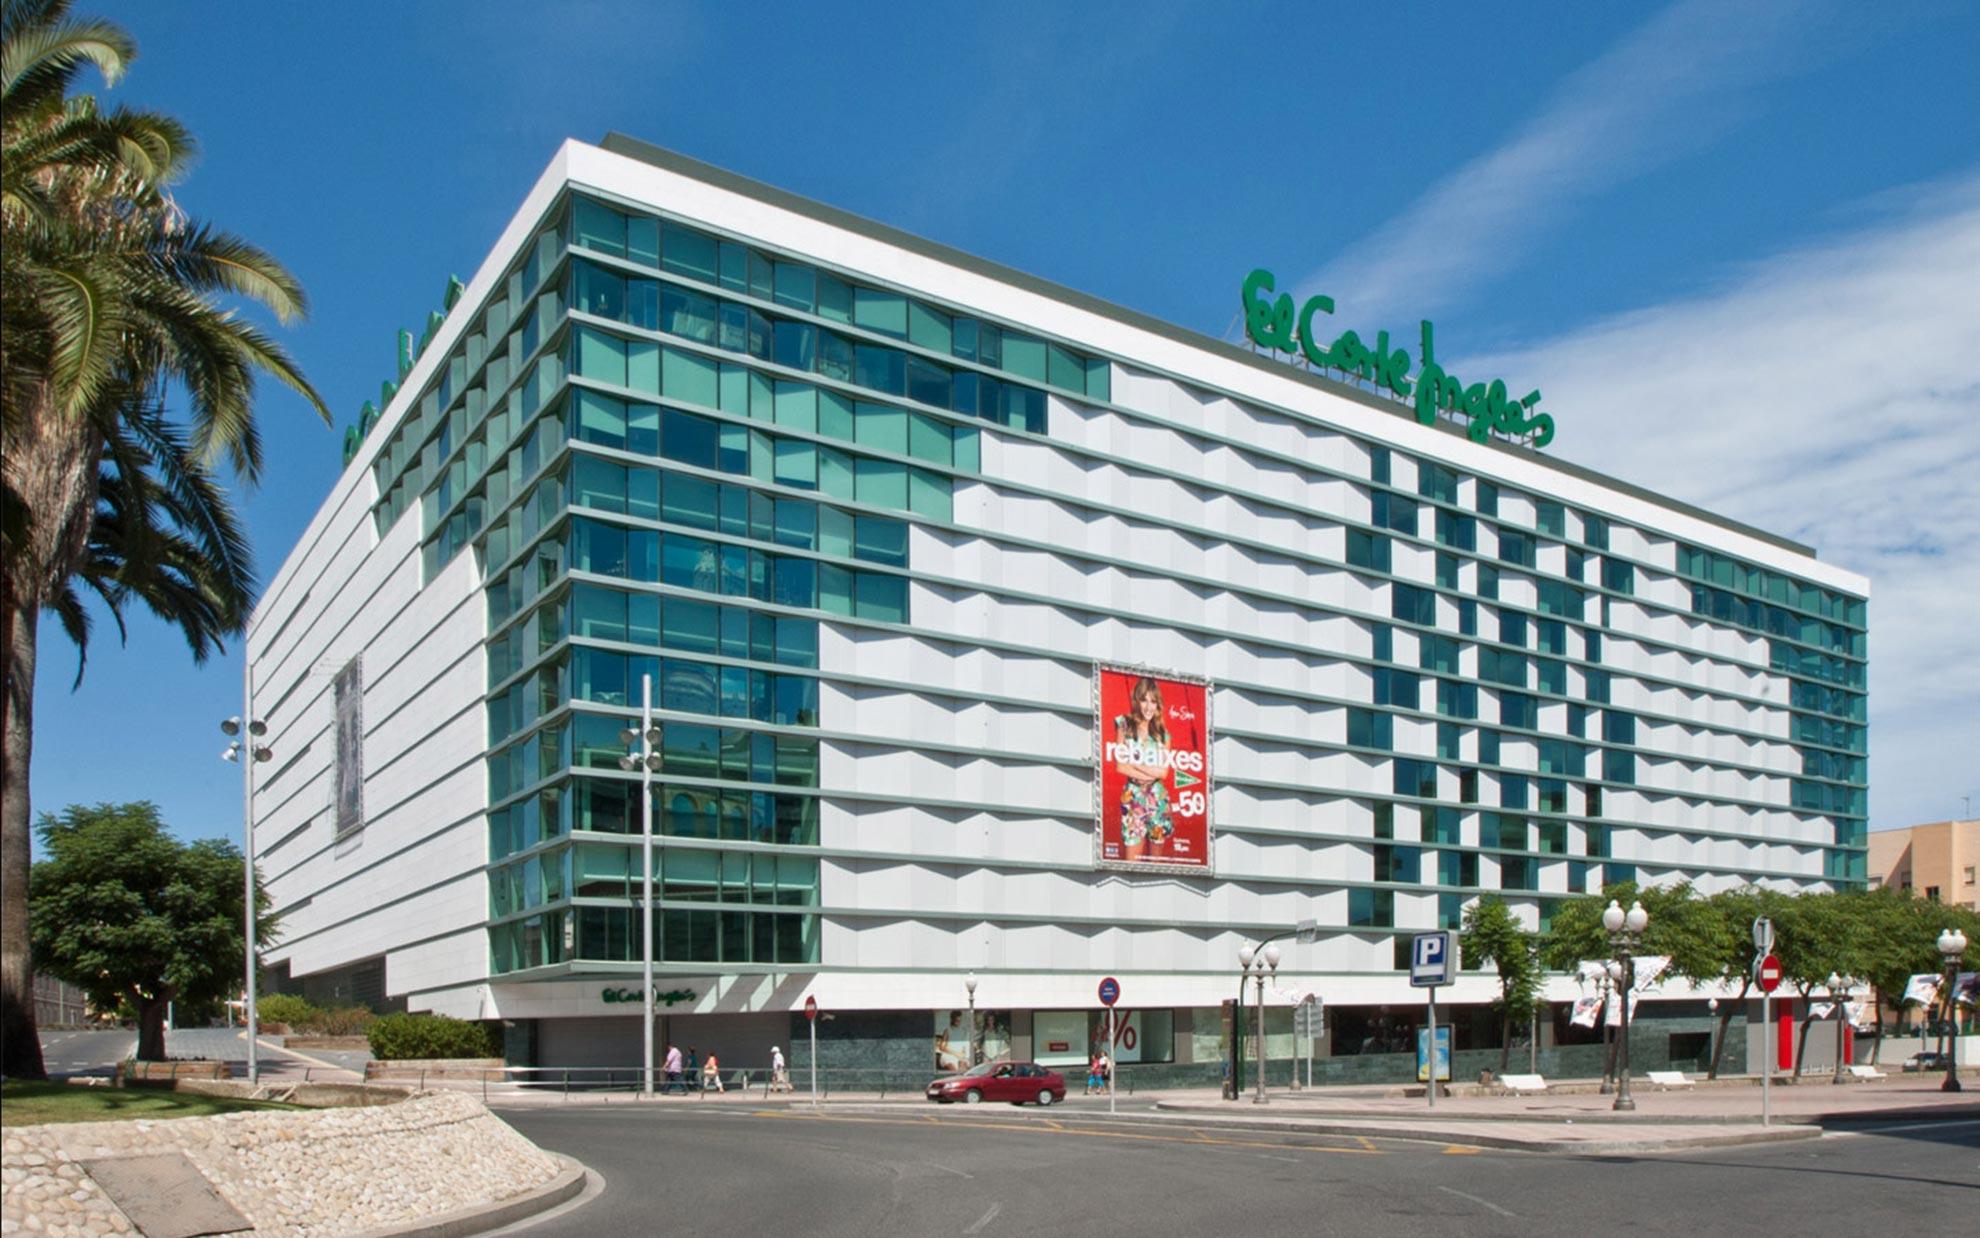 centre-comercial-tarragona-corte-ingles-arquitecto-roberto-suso-001_1593419492.jpg